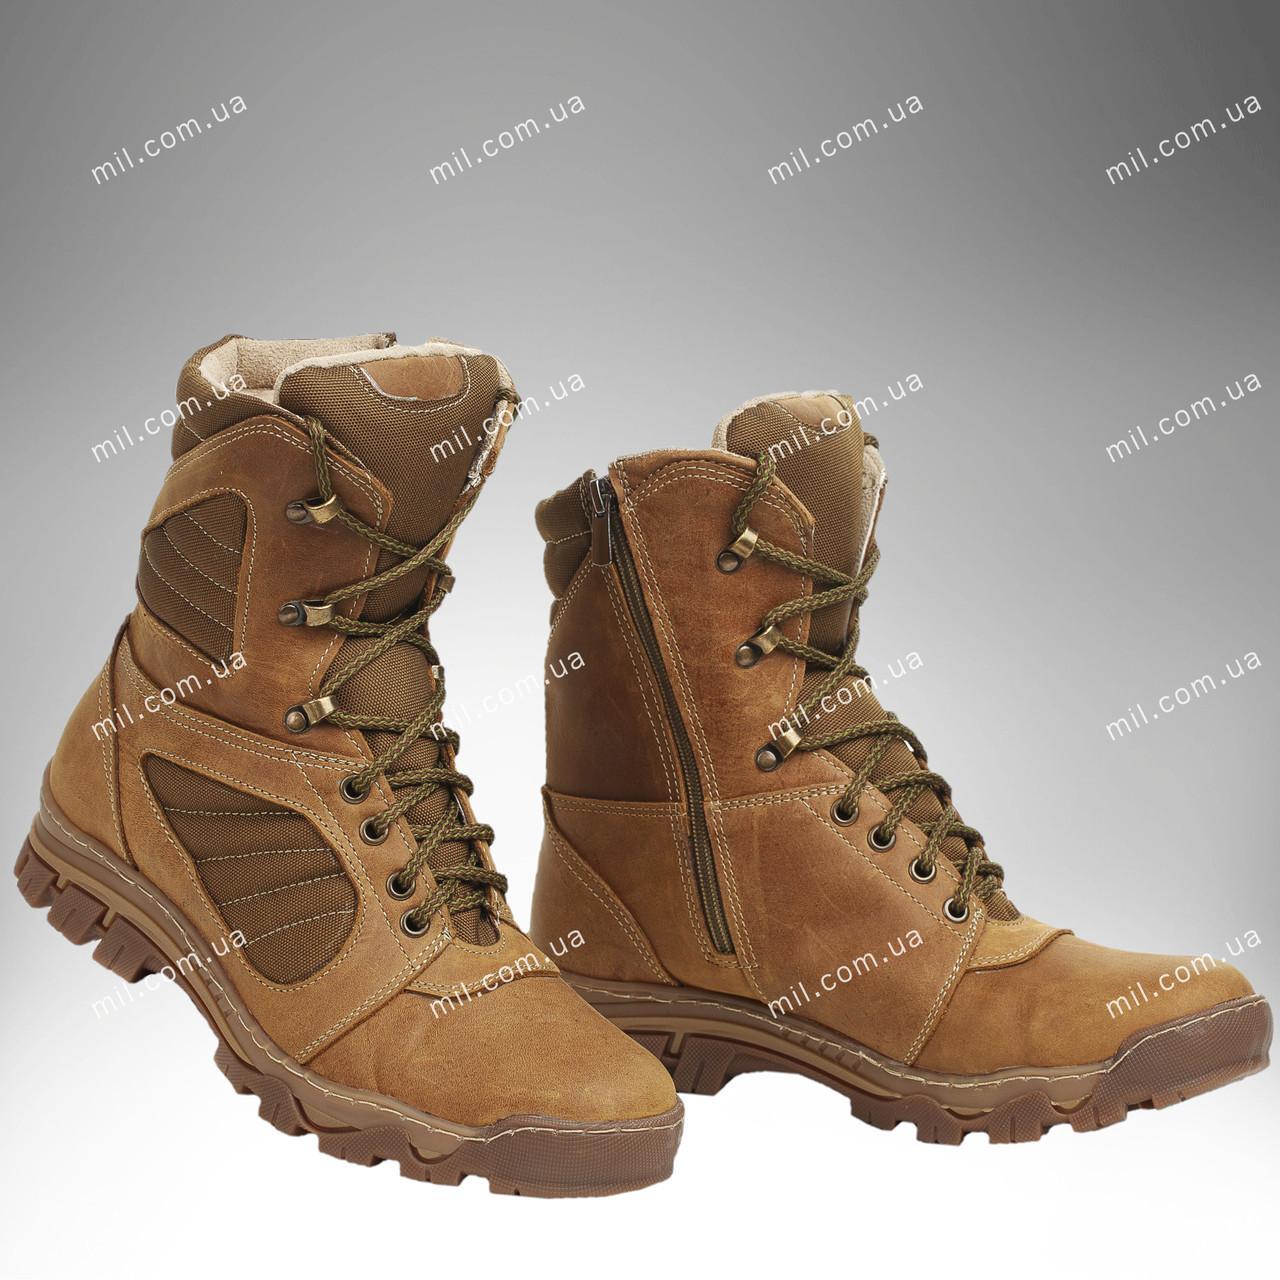 ⭐⭐Берцы демисезонные / военная, тактическая обувь ЛЕГИОН  (койот) | берцы, берці, берци, военная обувь,